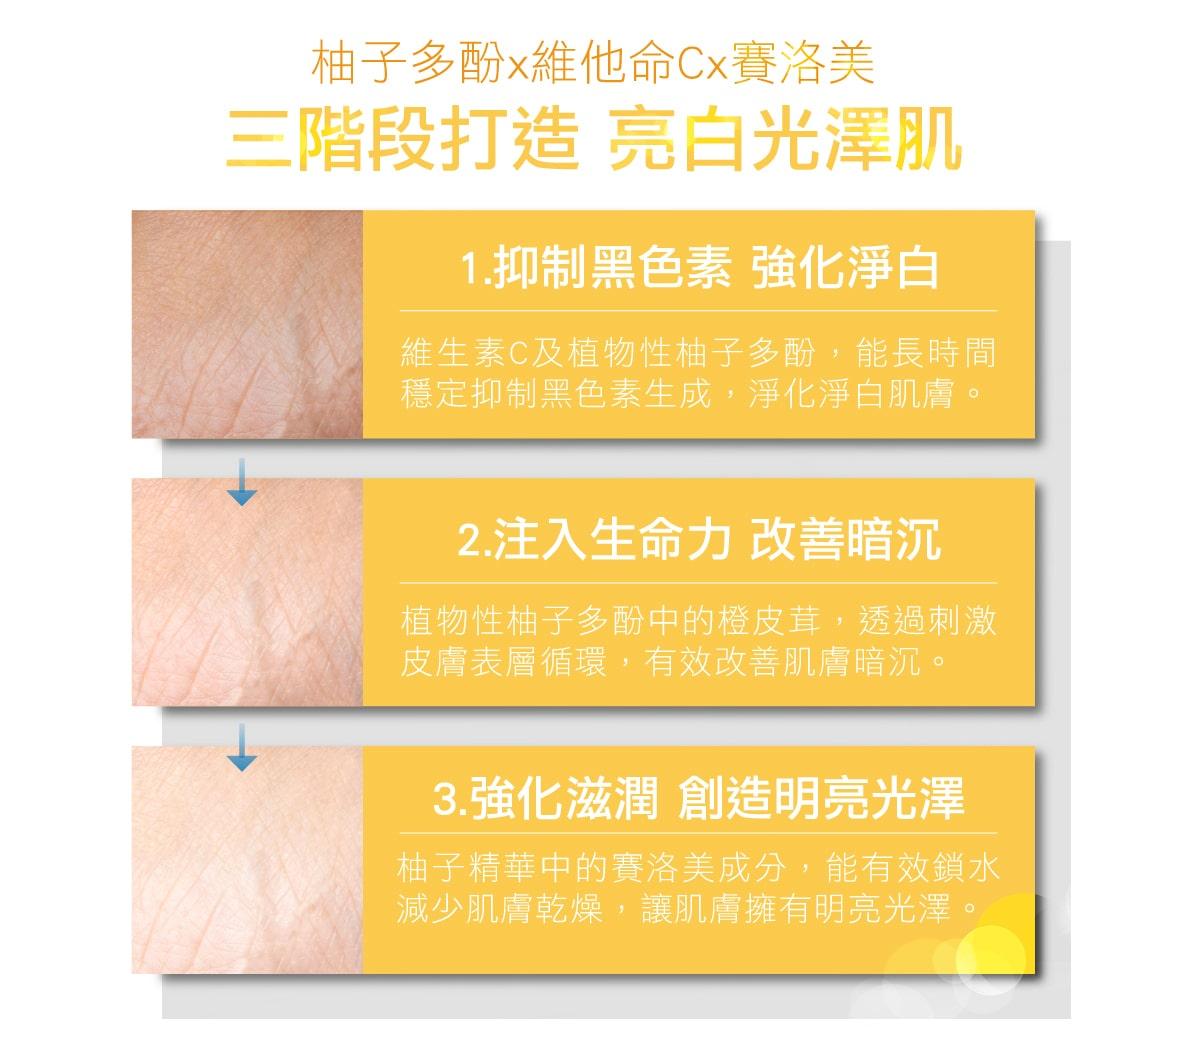 Skin Brighten Up Mask - Benefit